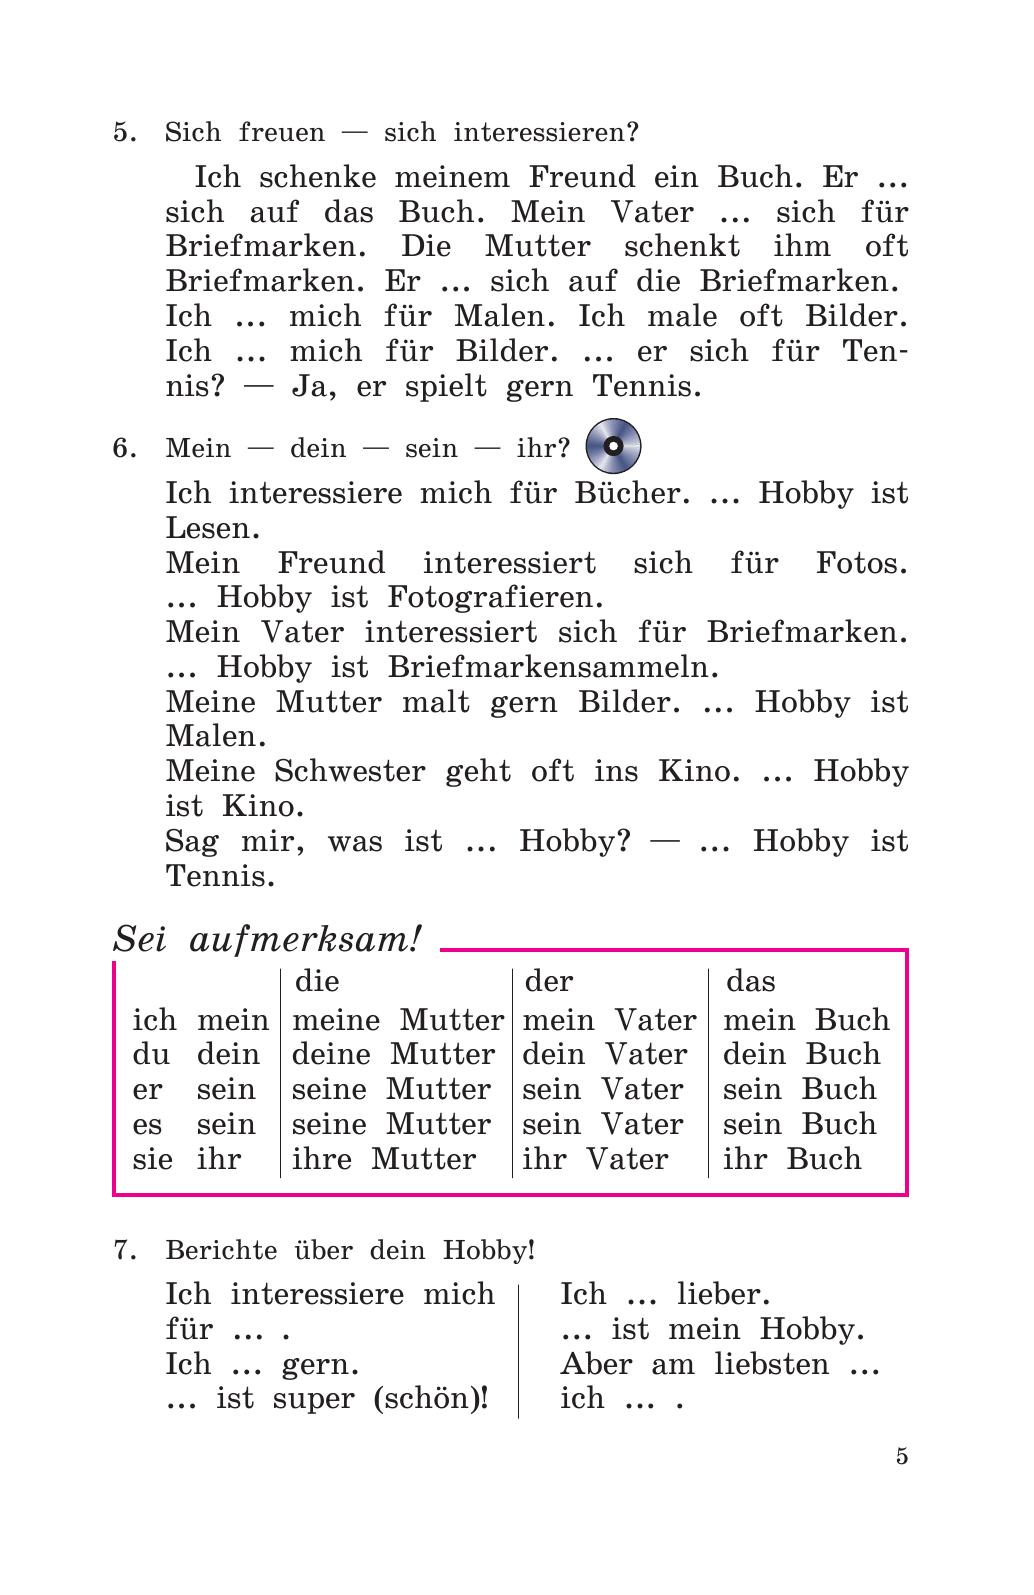 Решебник Немецкий Язык 3 Класс Учебник Гальскова Гез